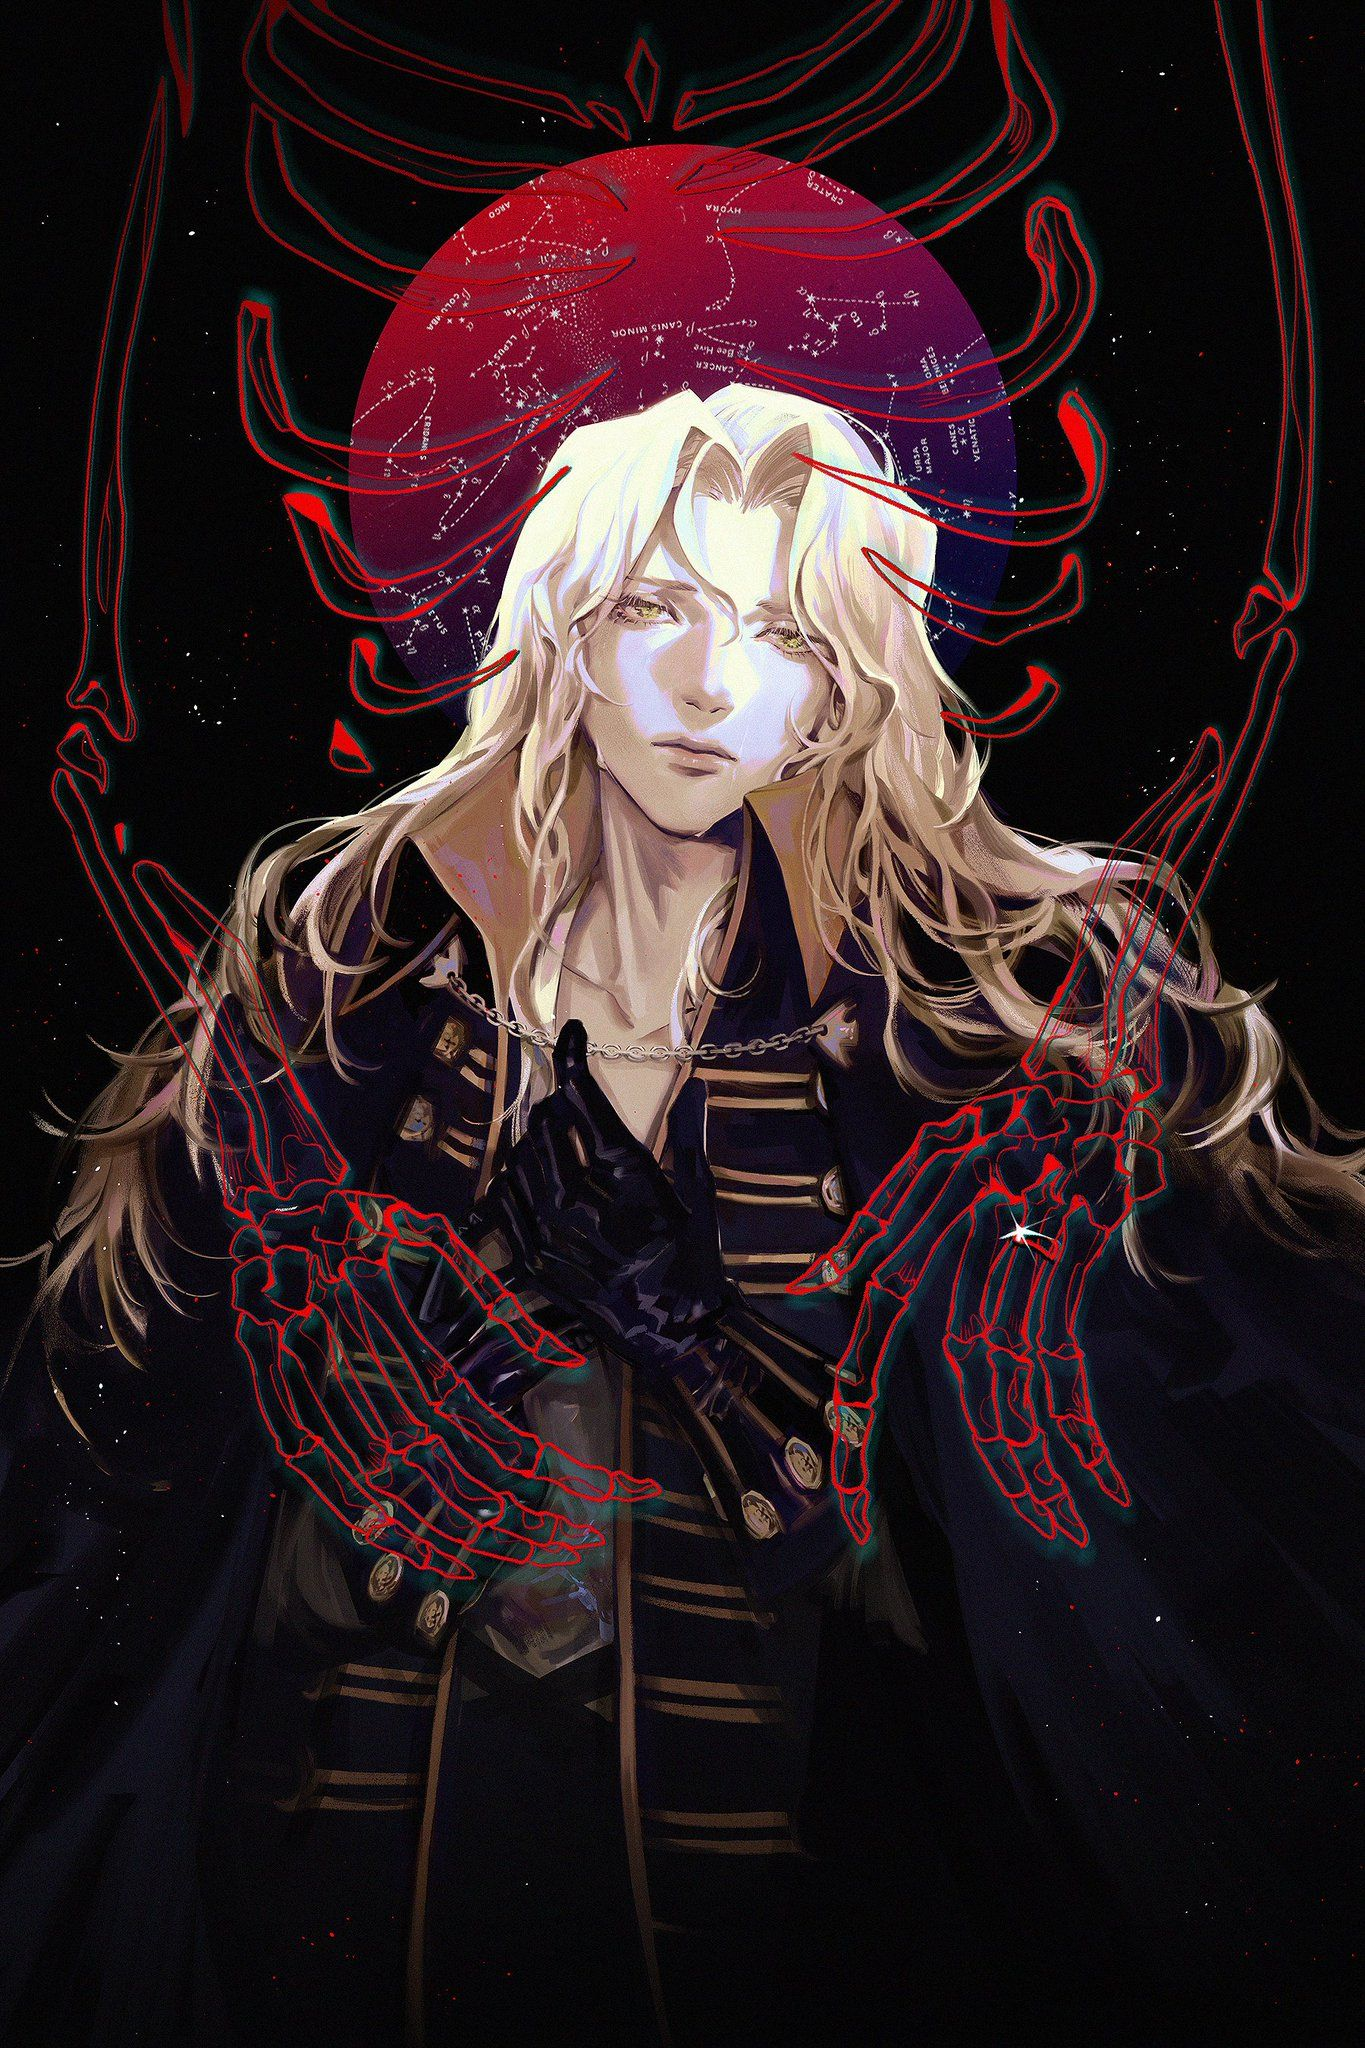 lina 🍋 on Alucard castlevania, Alucard, Fantasy art men